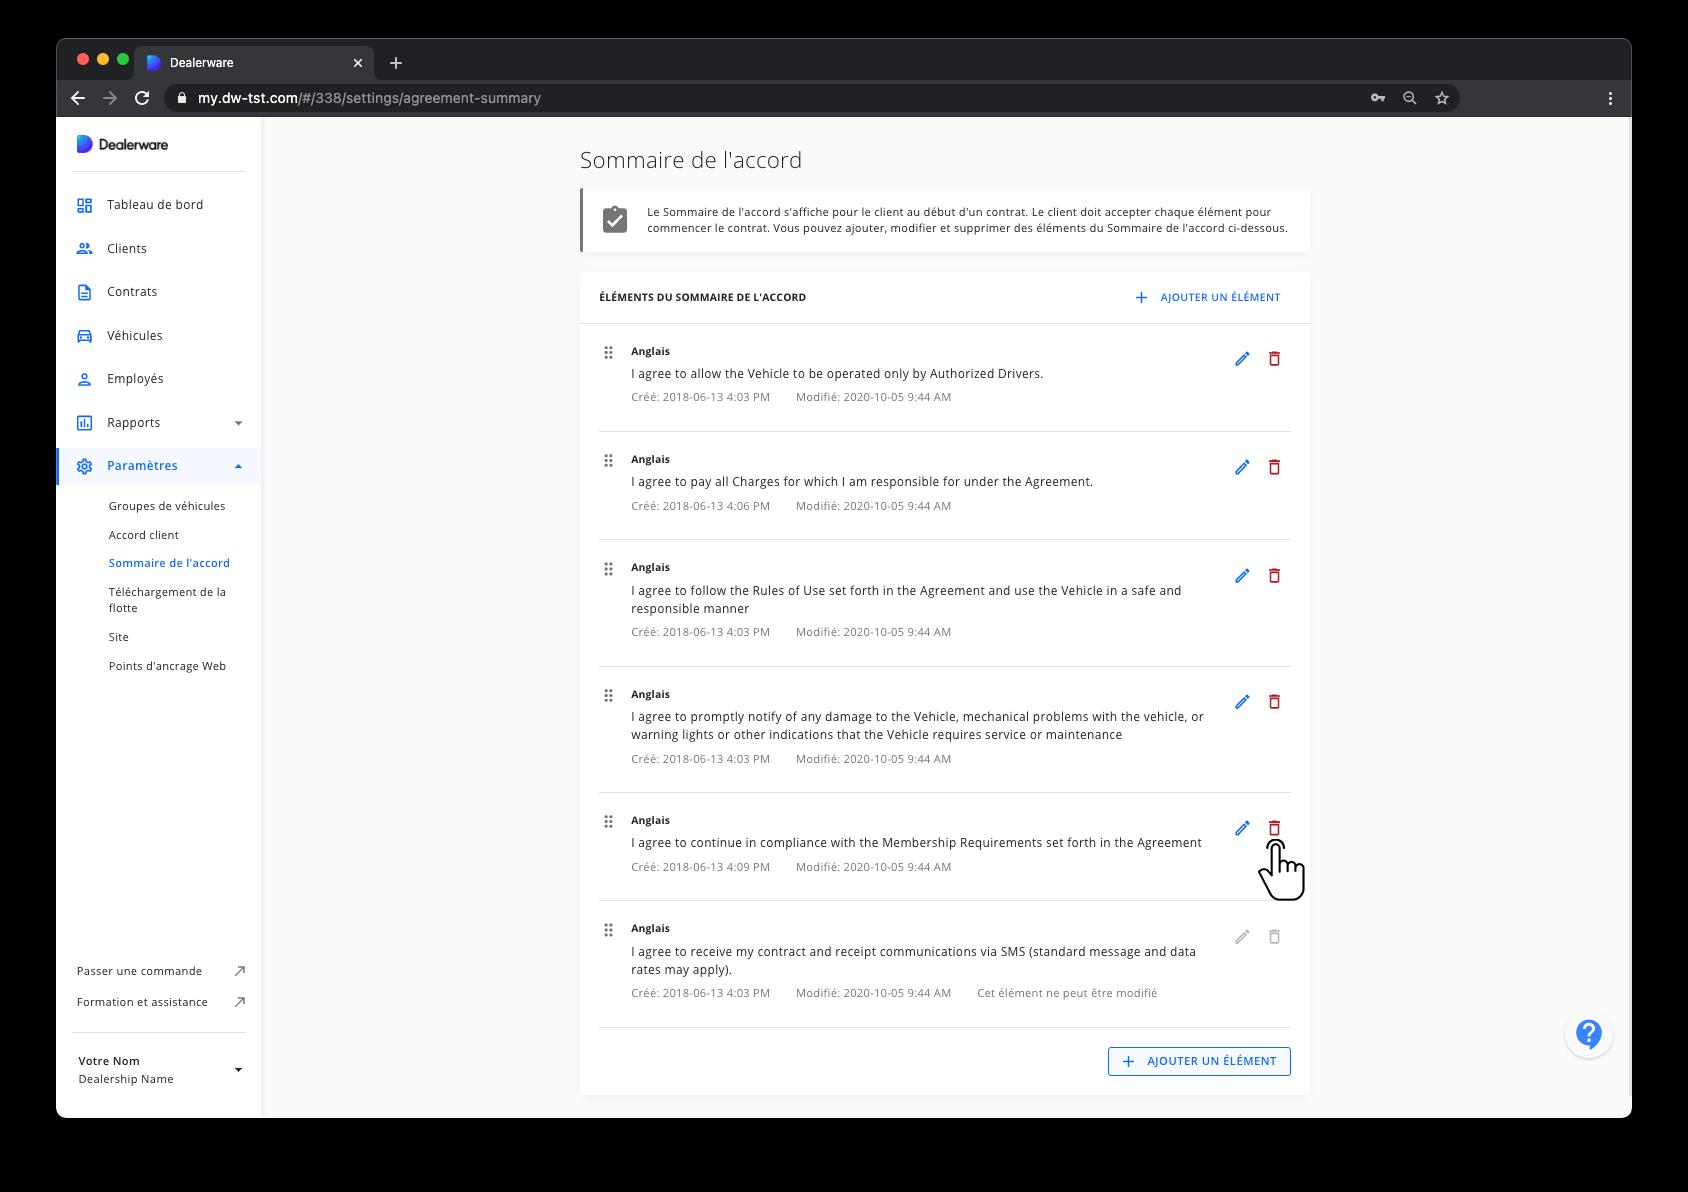 Image2: Sommaire de l'accord et menu principal Dealerware, icône de doigt positionnée sur l'icône de poubelle pour une clause d'accord